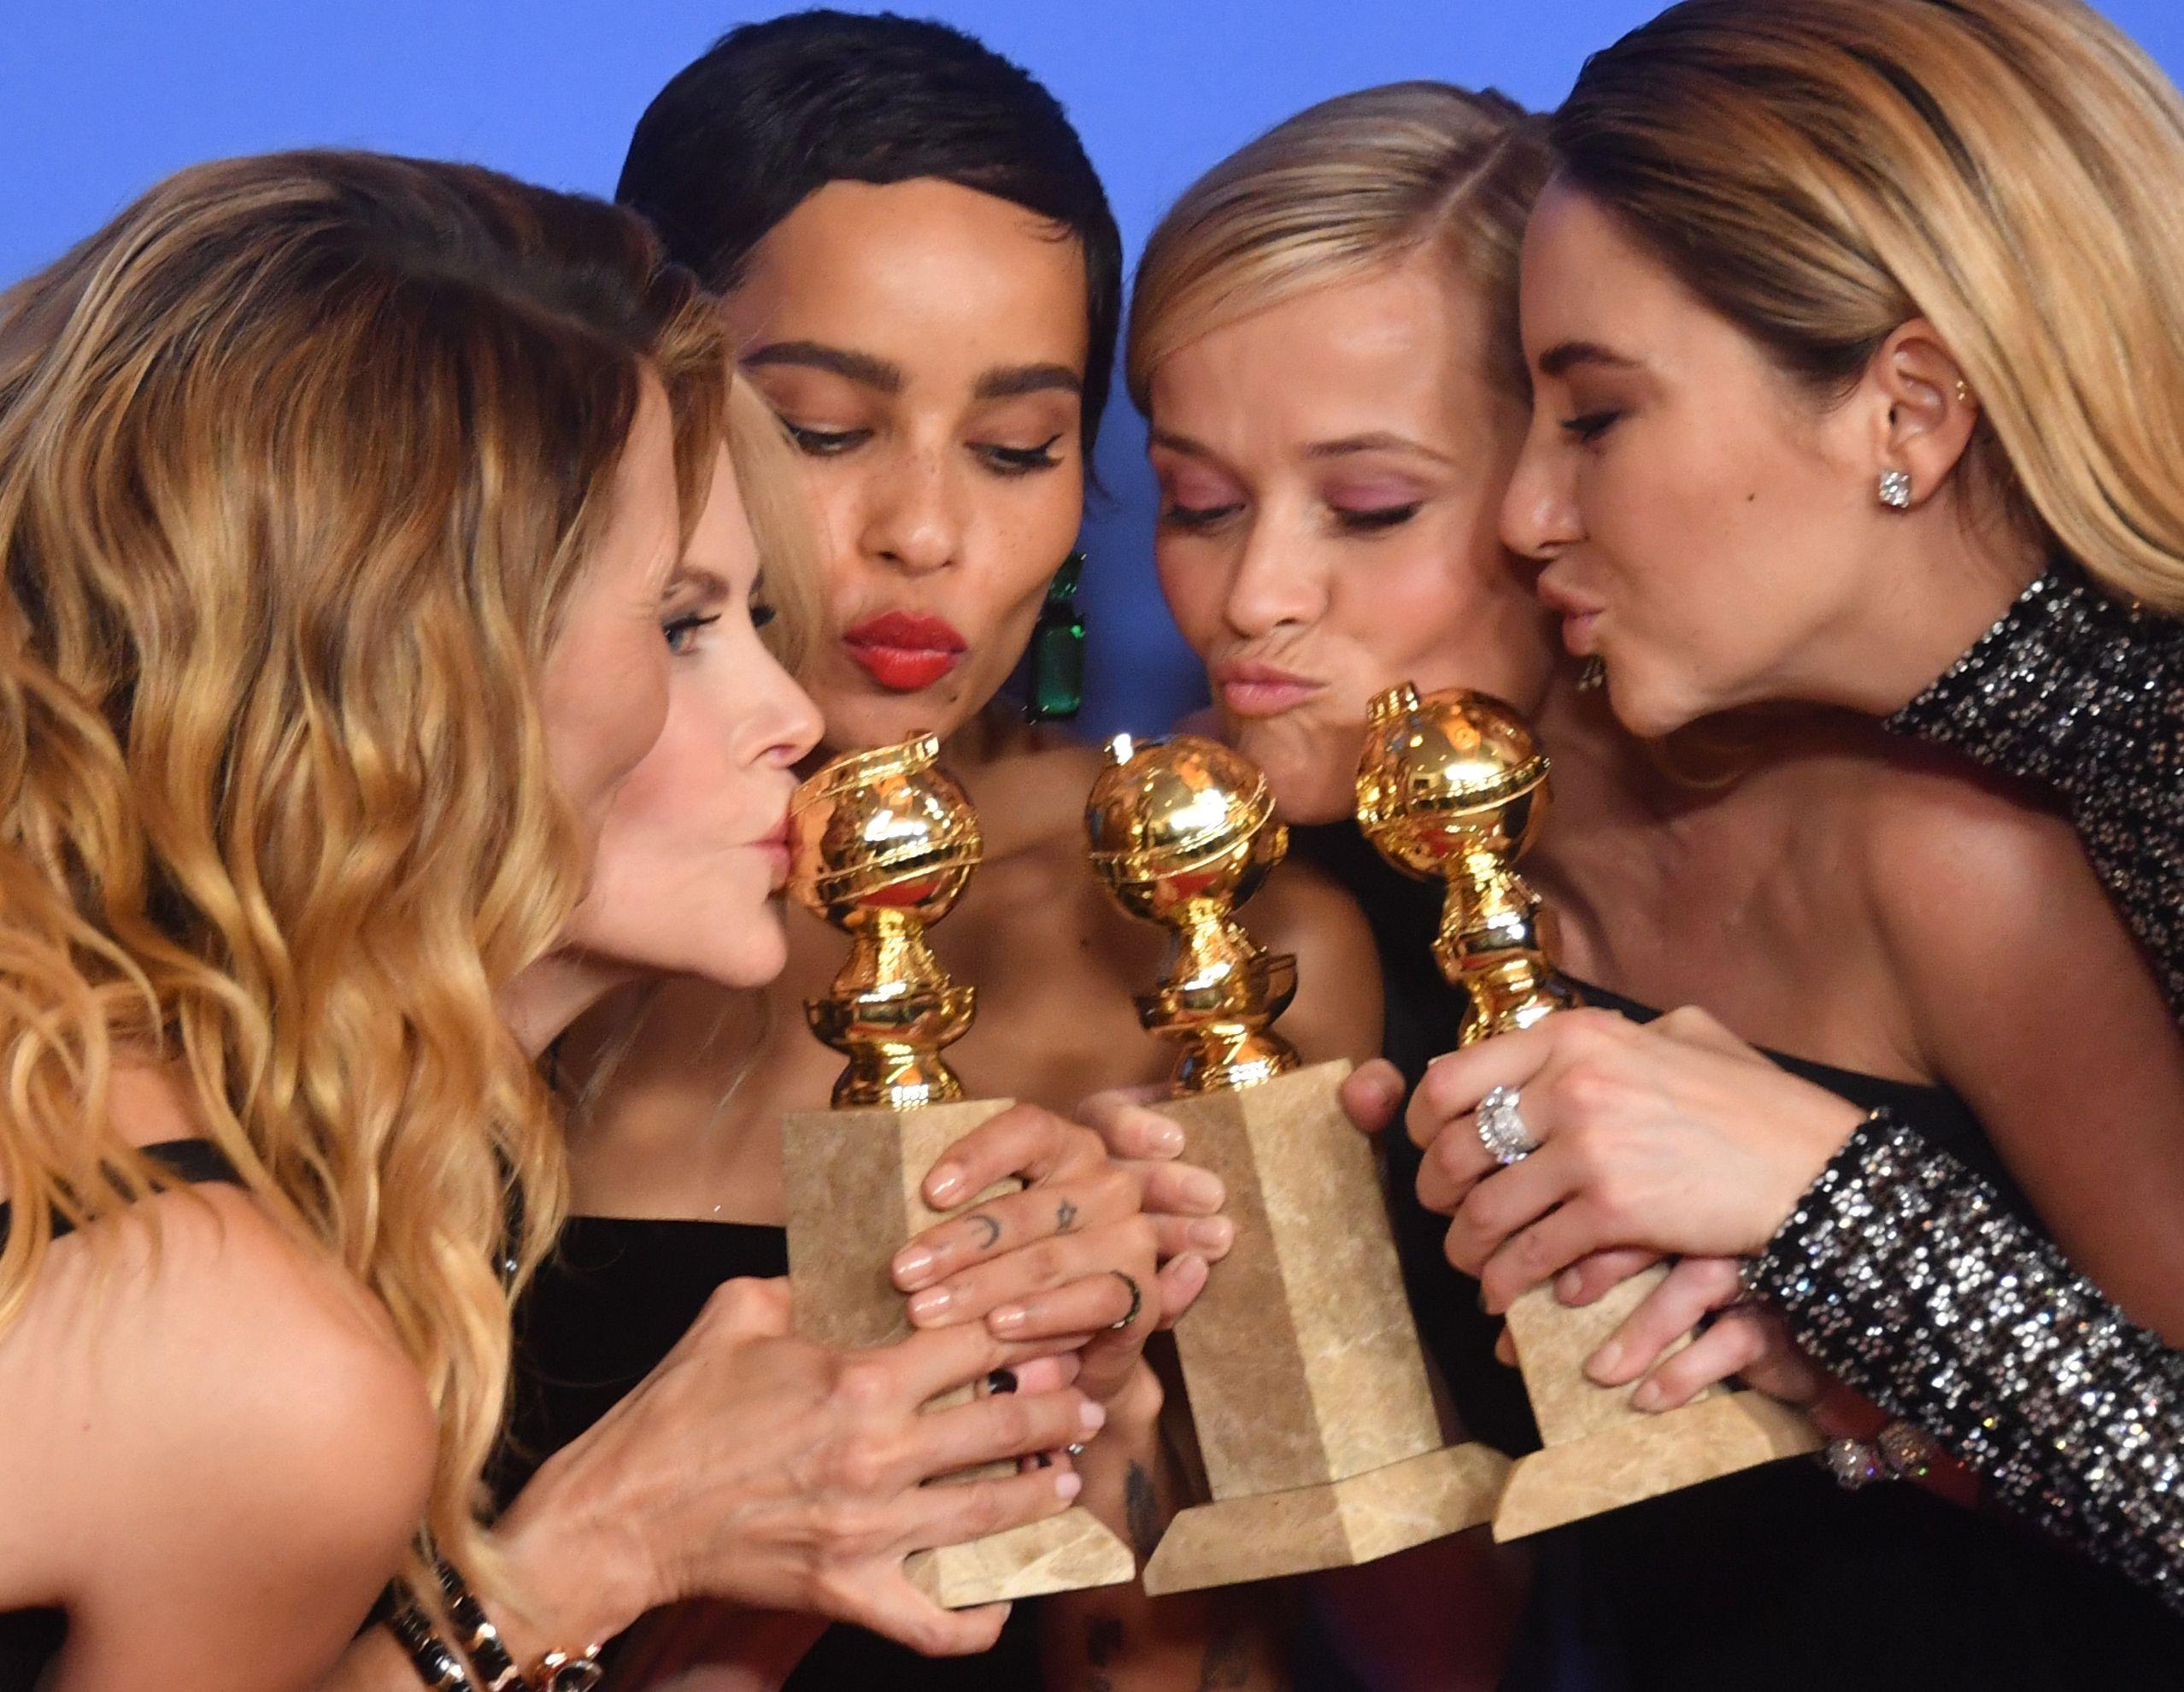 صور تذكارية مع الجوائز لنجمات هوليوود